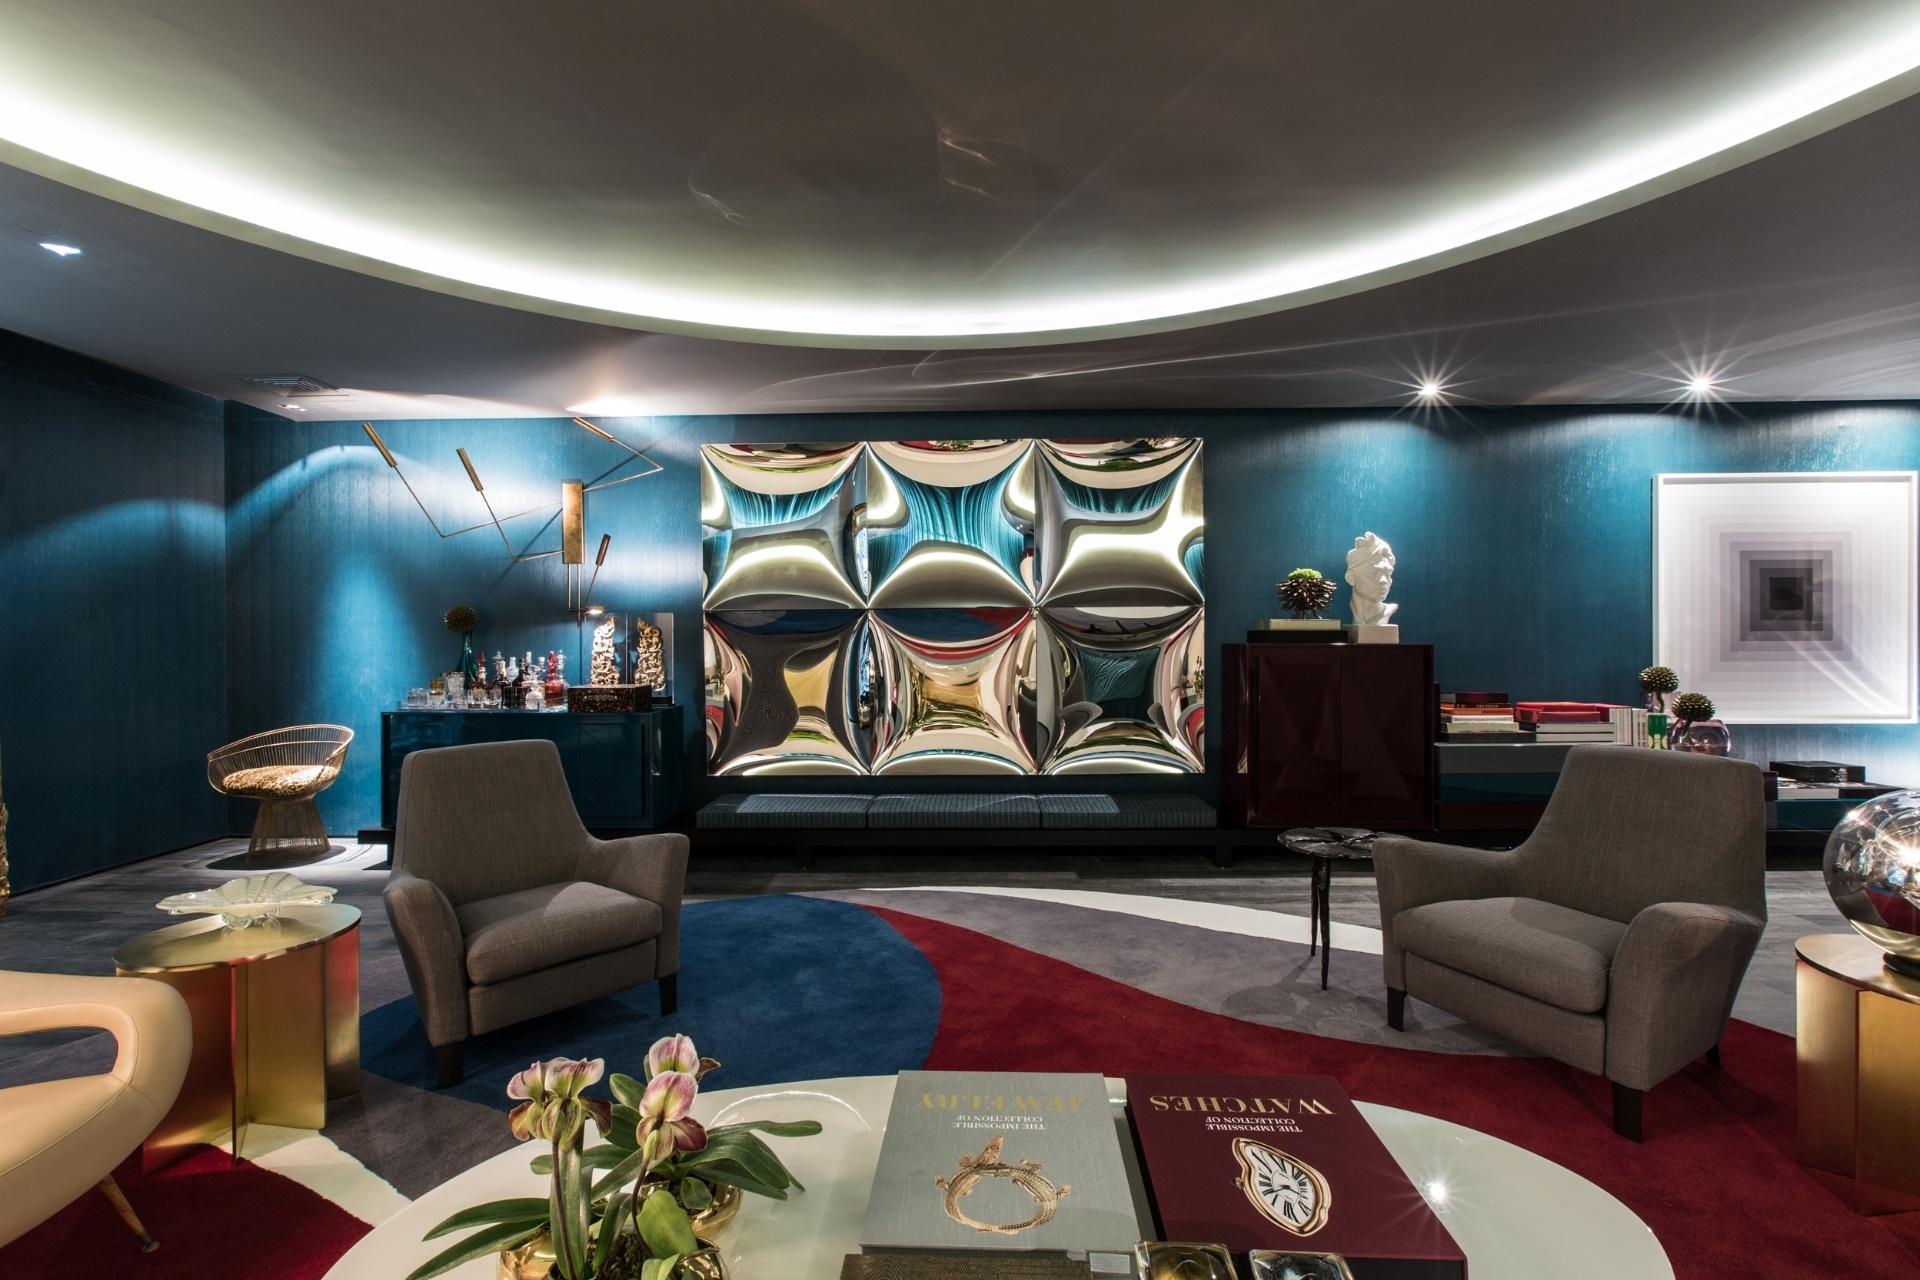 O arquiteto Roberto Migotto explora formas sinuosas e geométricas ao compor o projeto com áreas de estar (foto) e jantar. Os espelhos quadrados com face côncava (Érea) e o tapete (Botteh), em náilon com desenhos orgânicos, são exemplares dessa proposta